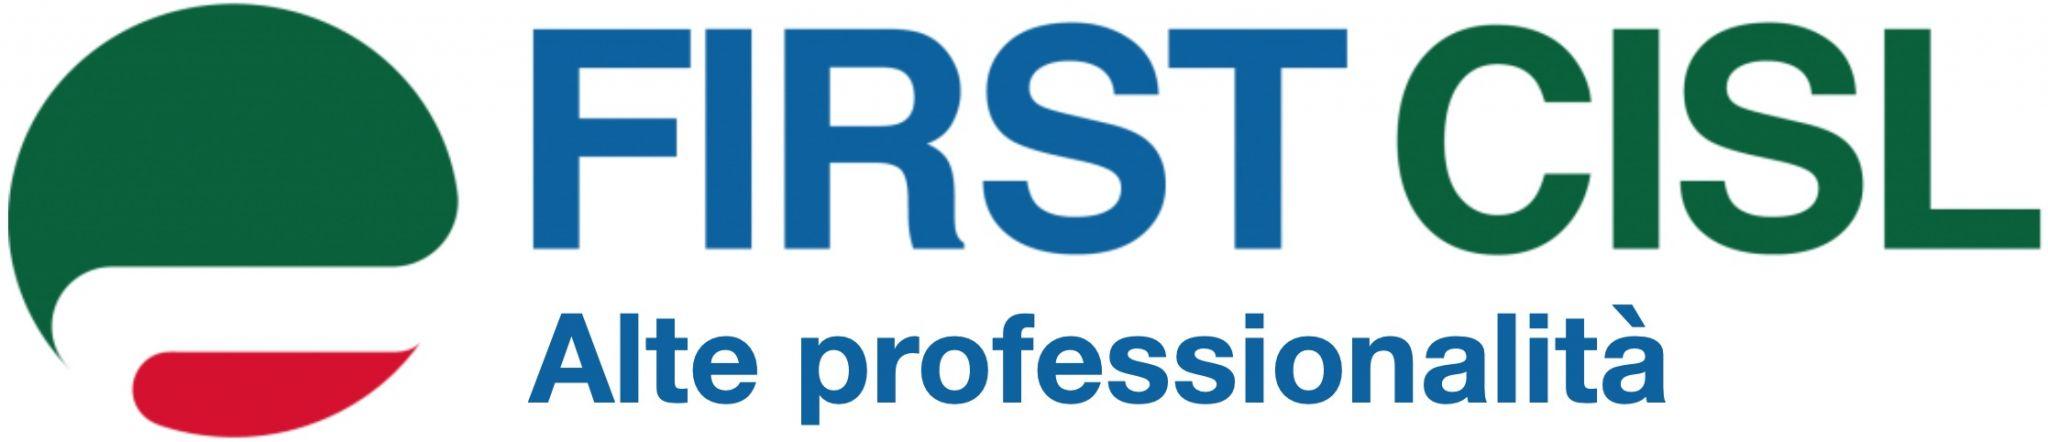 FIRST Alte Professionalità